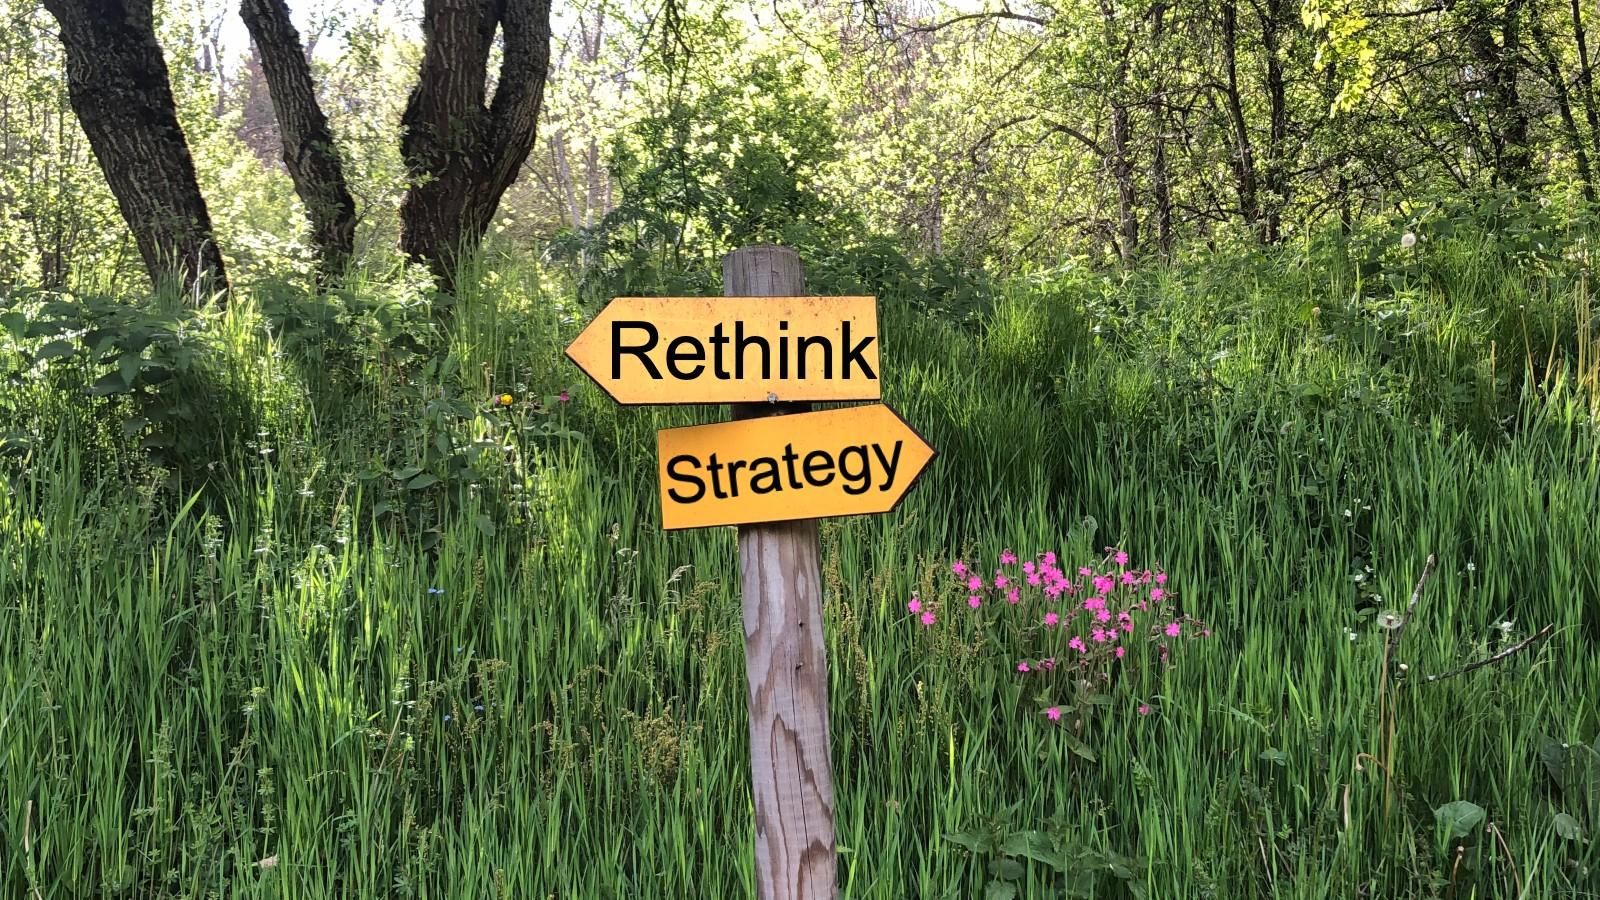 Rethink strategy - image   M Johnson